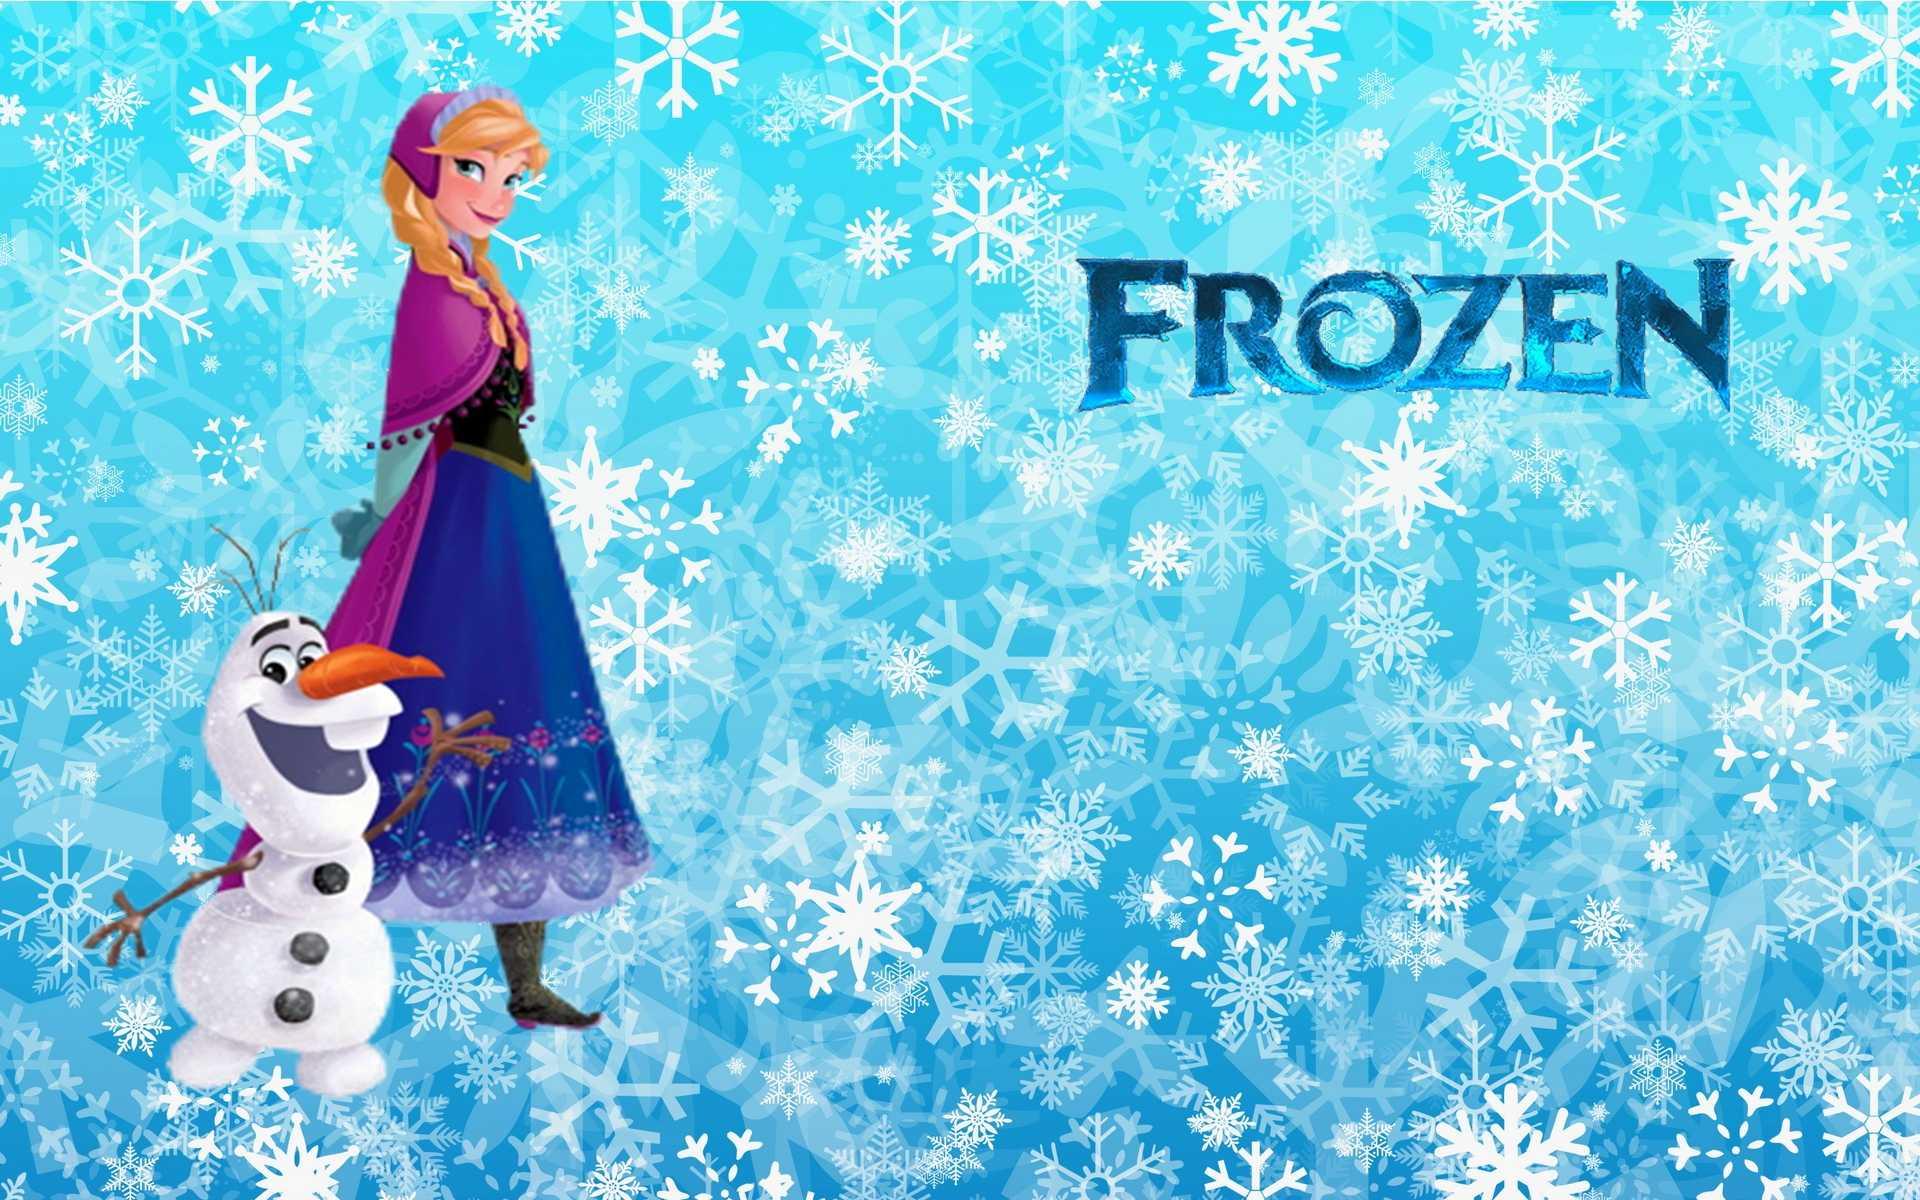 Frozen images Frozen Wallpaper wallpaper photos 35776839 1920x1200